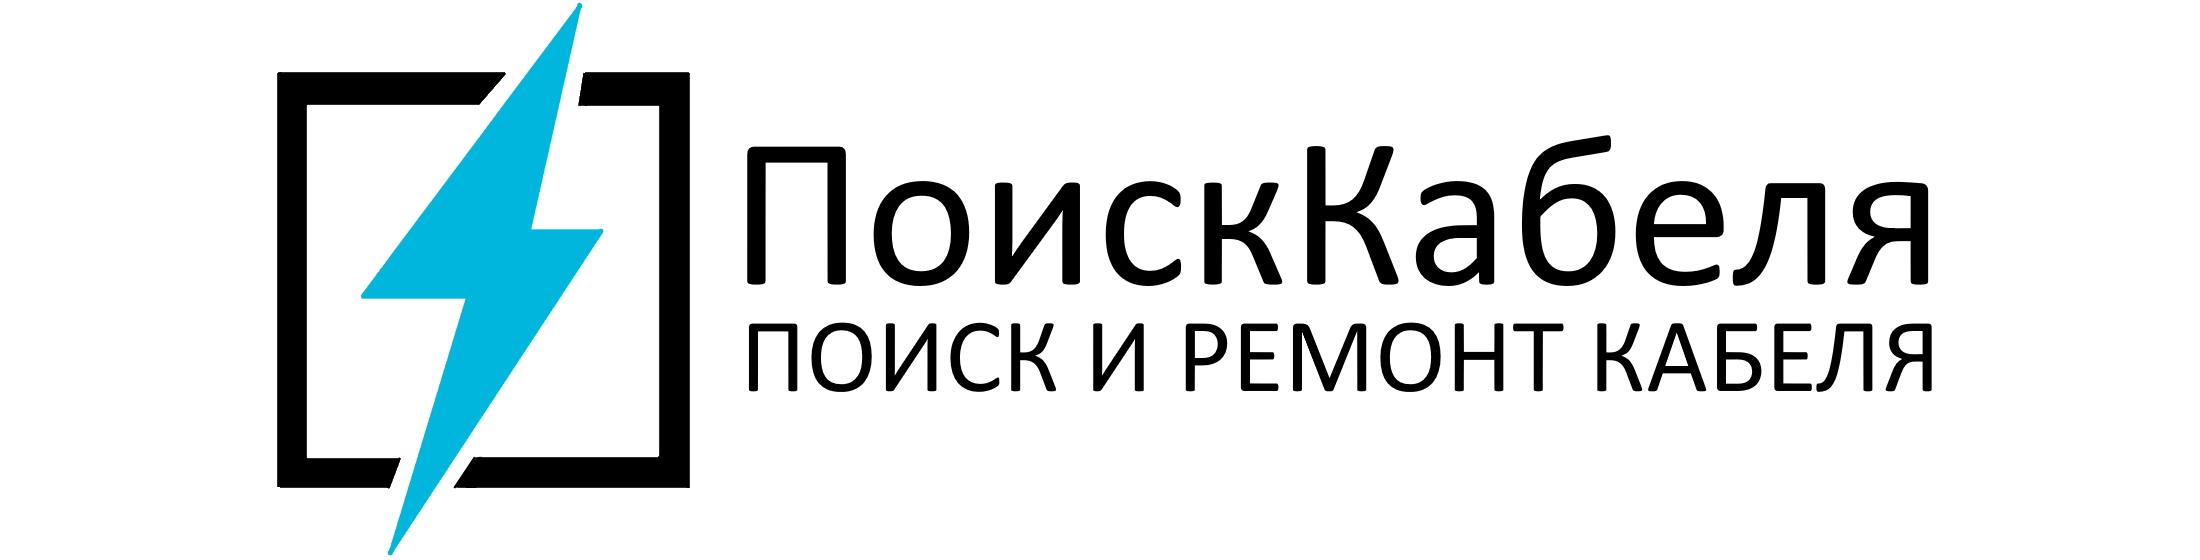 """Логотип """"ПоискКабеля"""""""